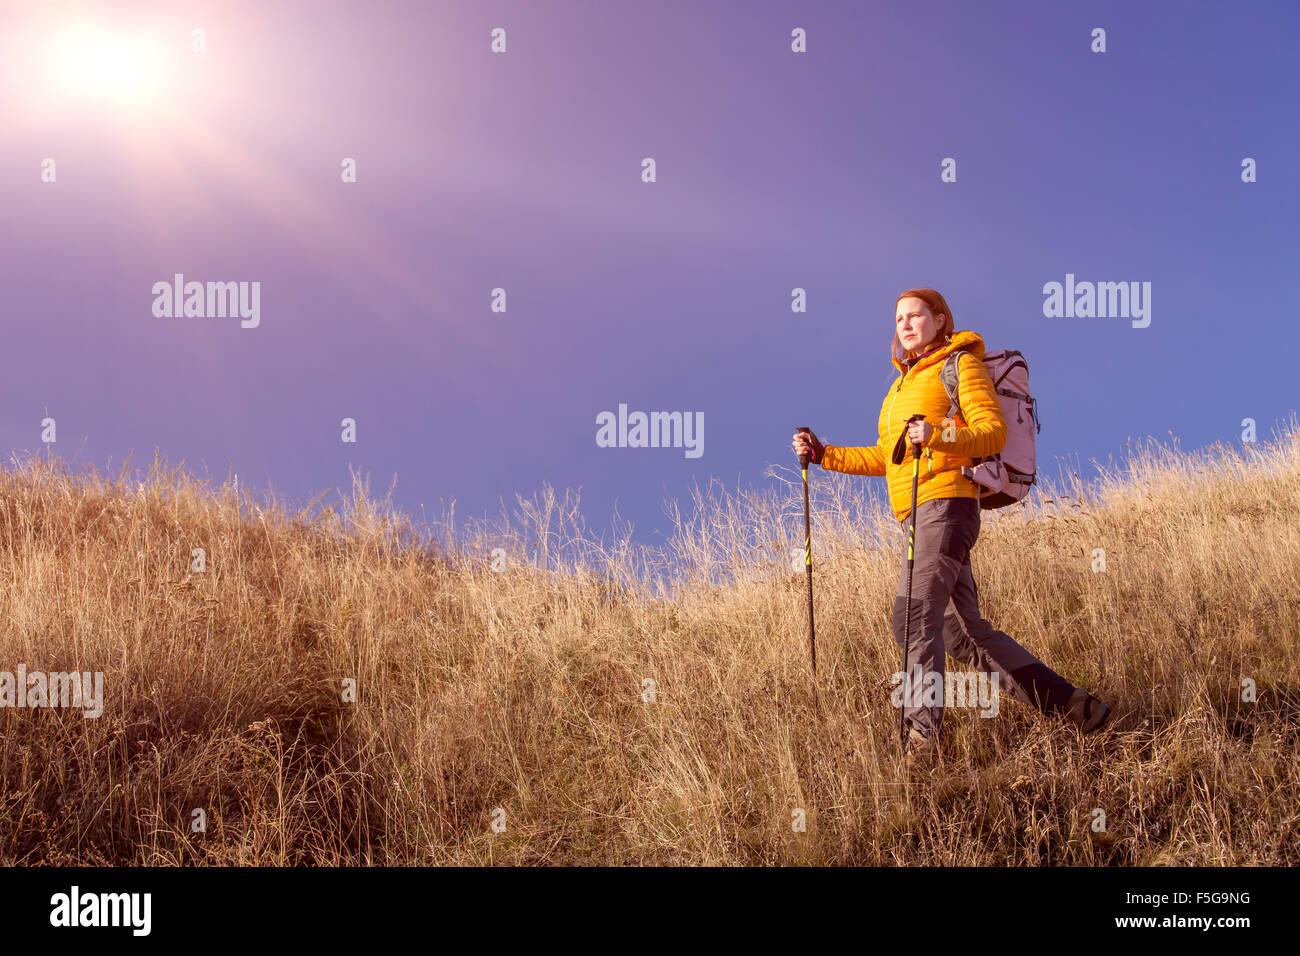 Weibliche Wanderer zu Fuß auf grasbewachsenen Hügel Stockbild